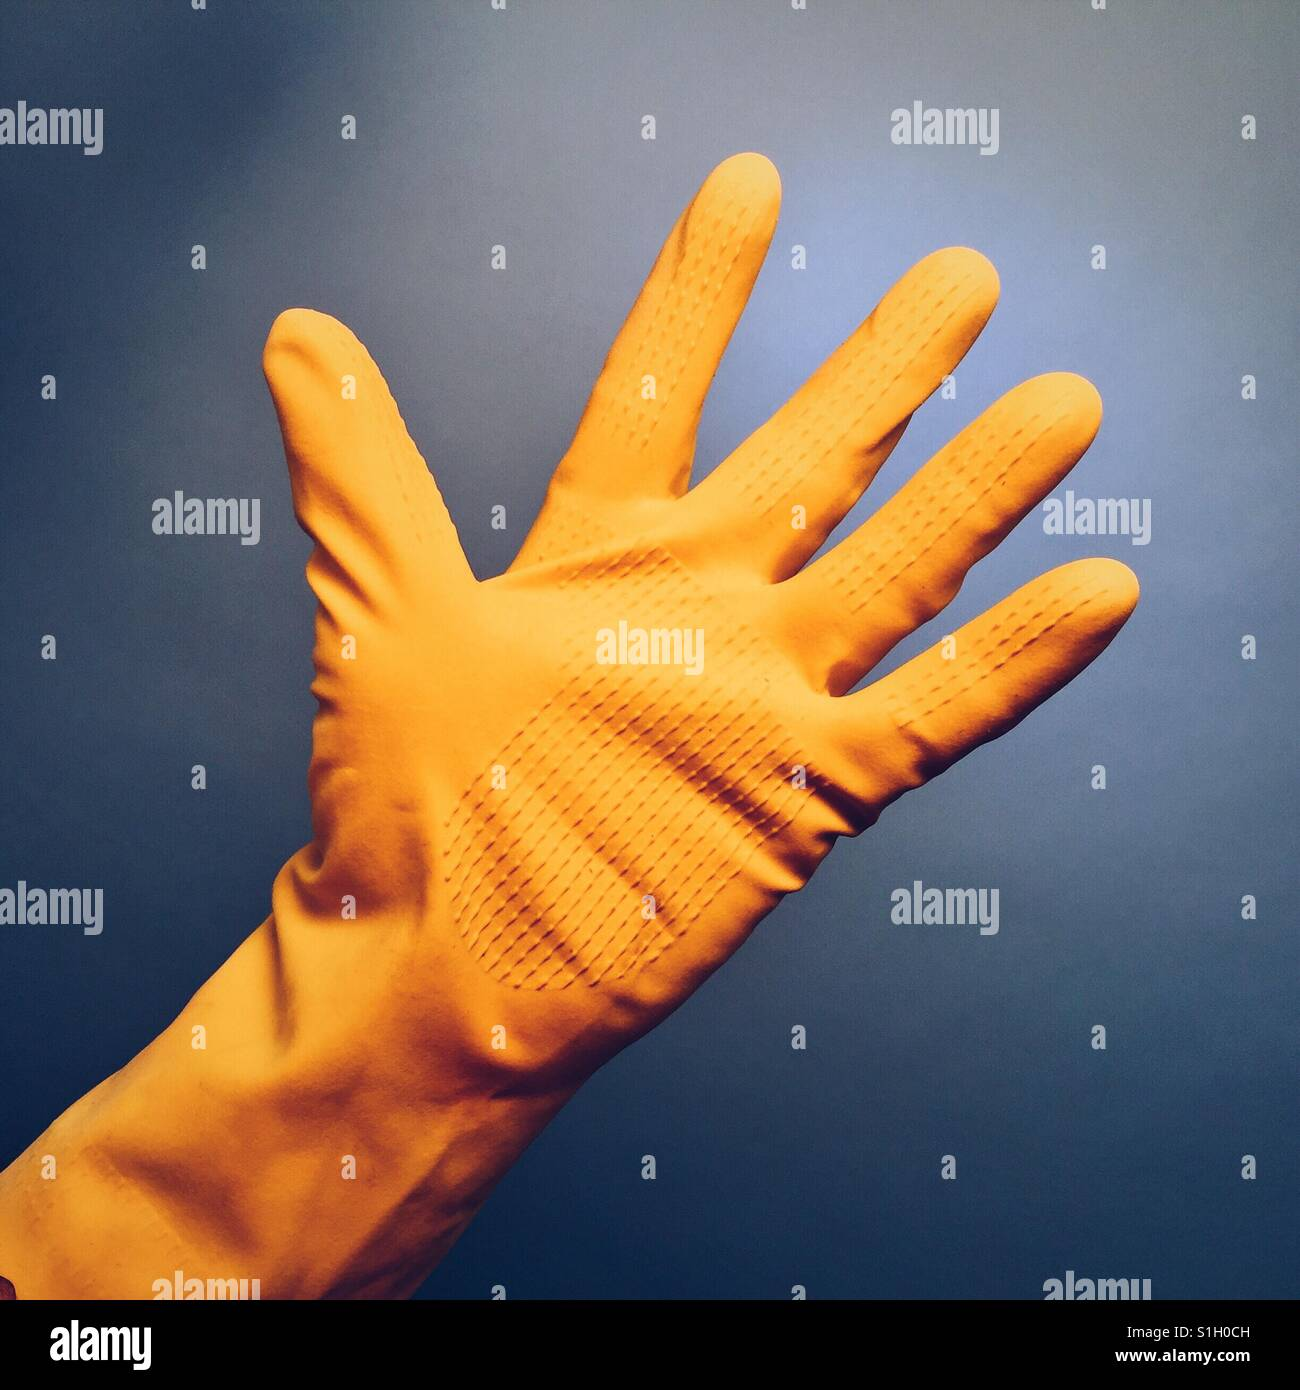 Die Hand eines Mannes in einem gelben Gummihandschuh auf blauem Grund Stockbild